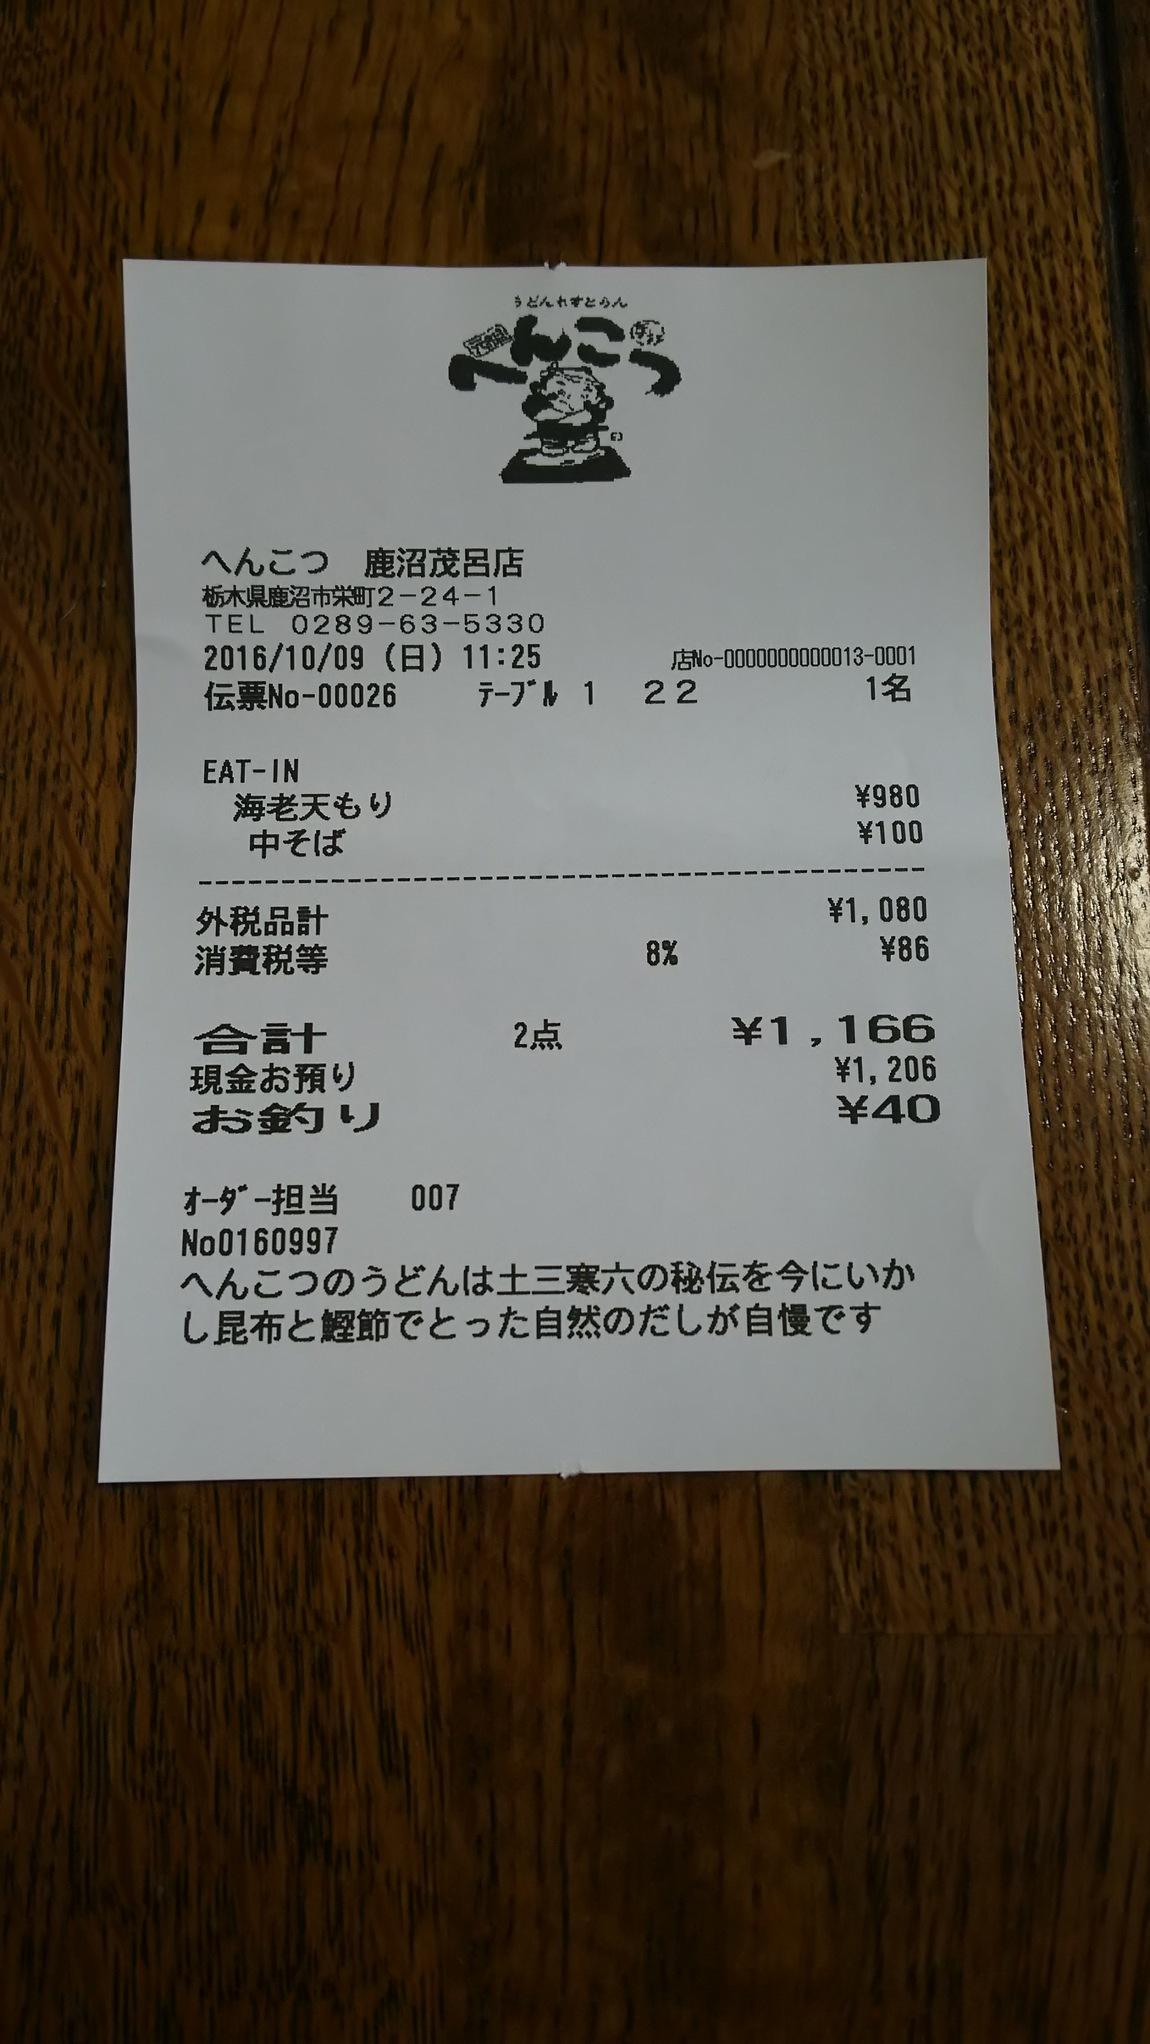 へんこつ 鹿沼茂呂店 name=